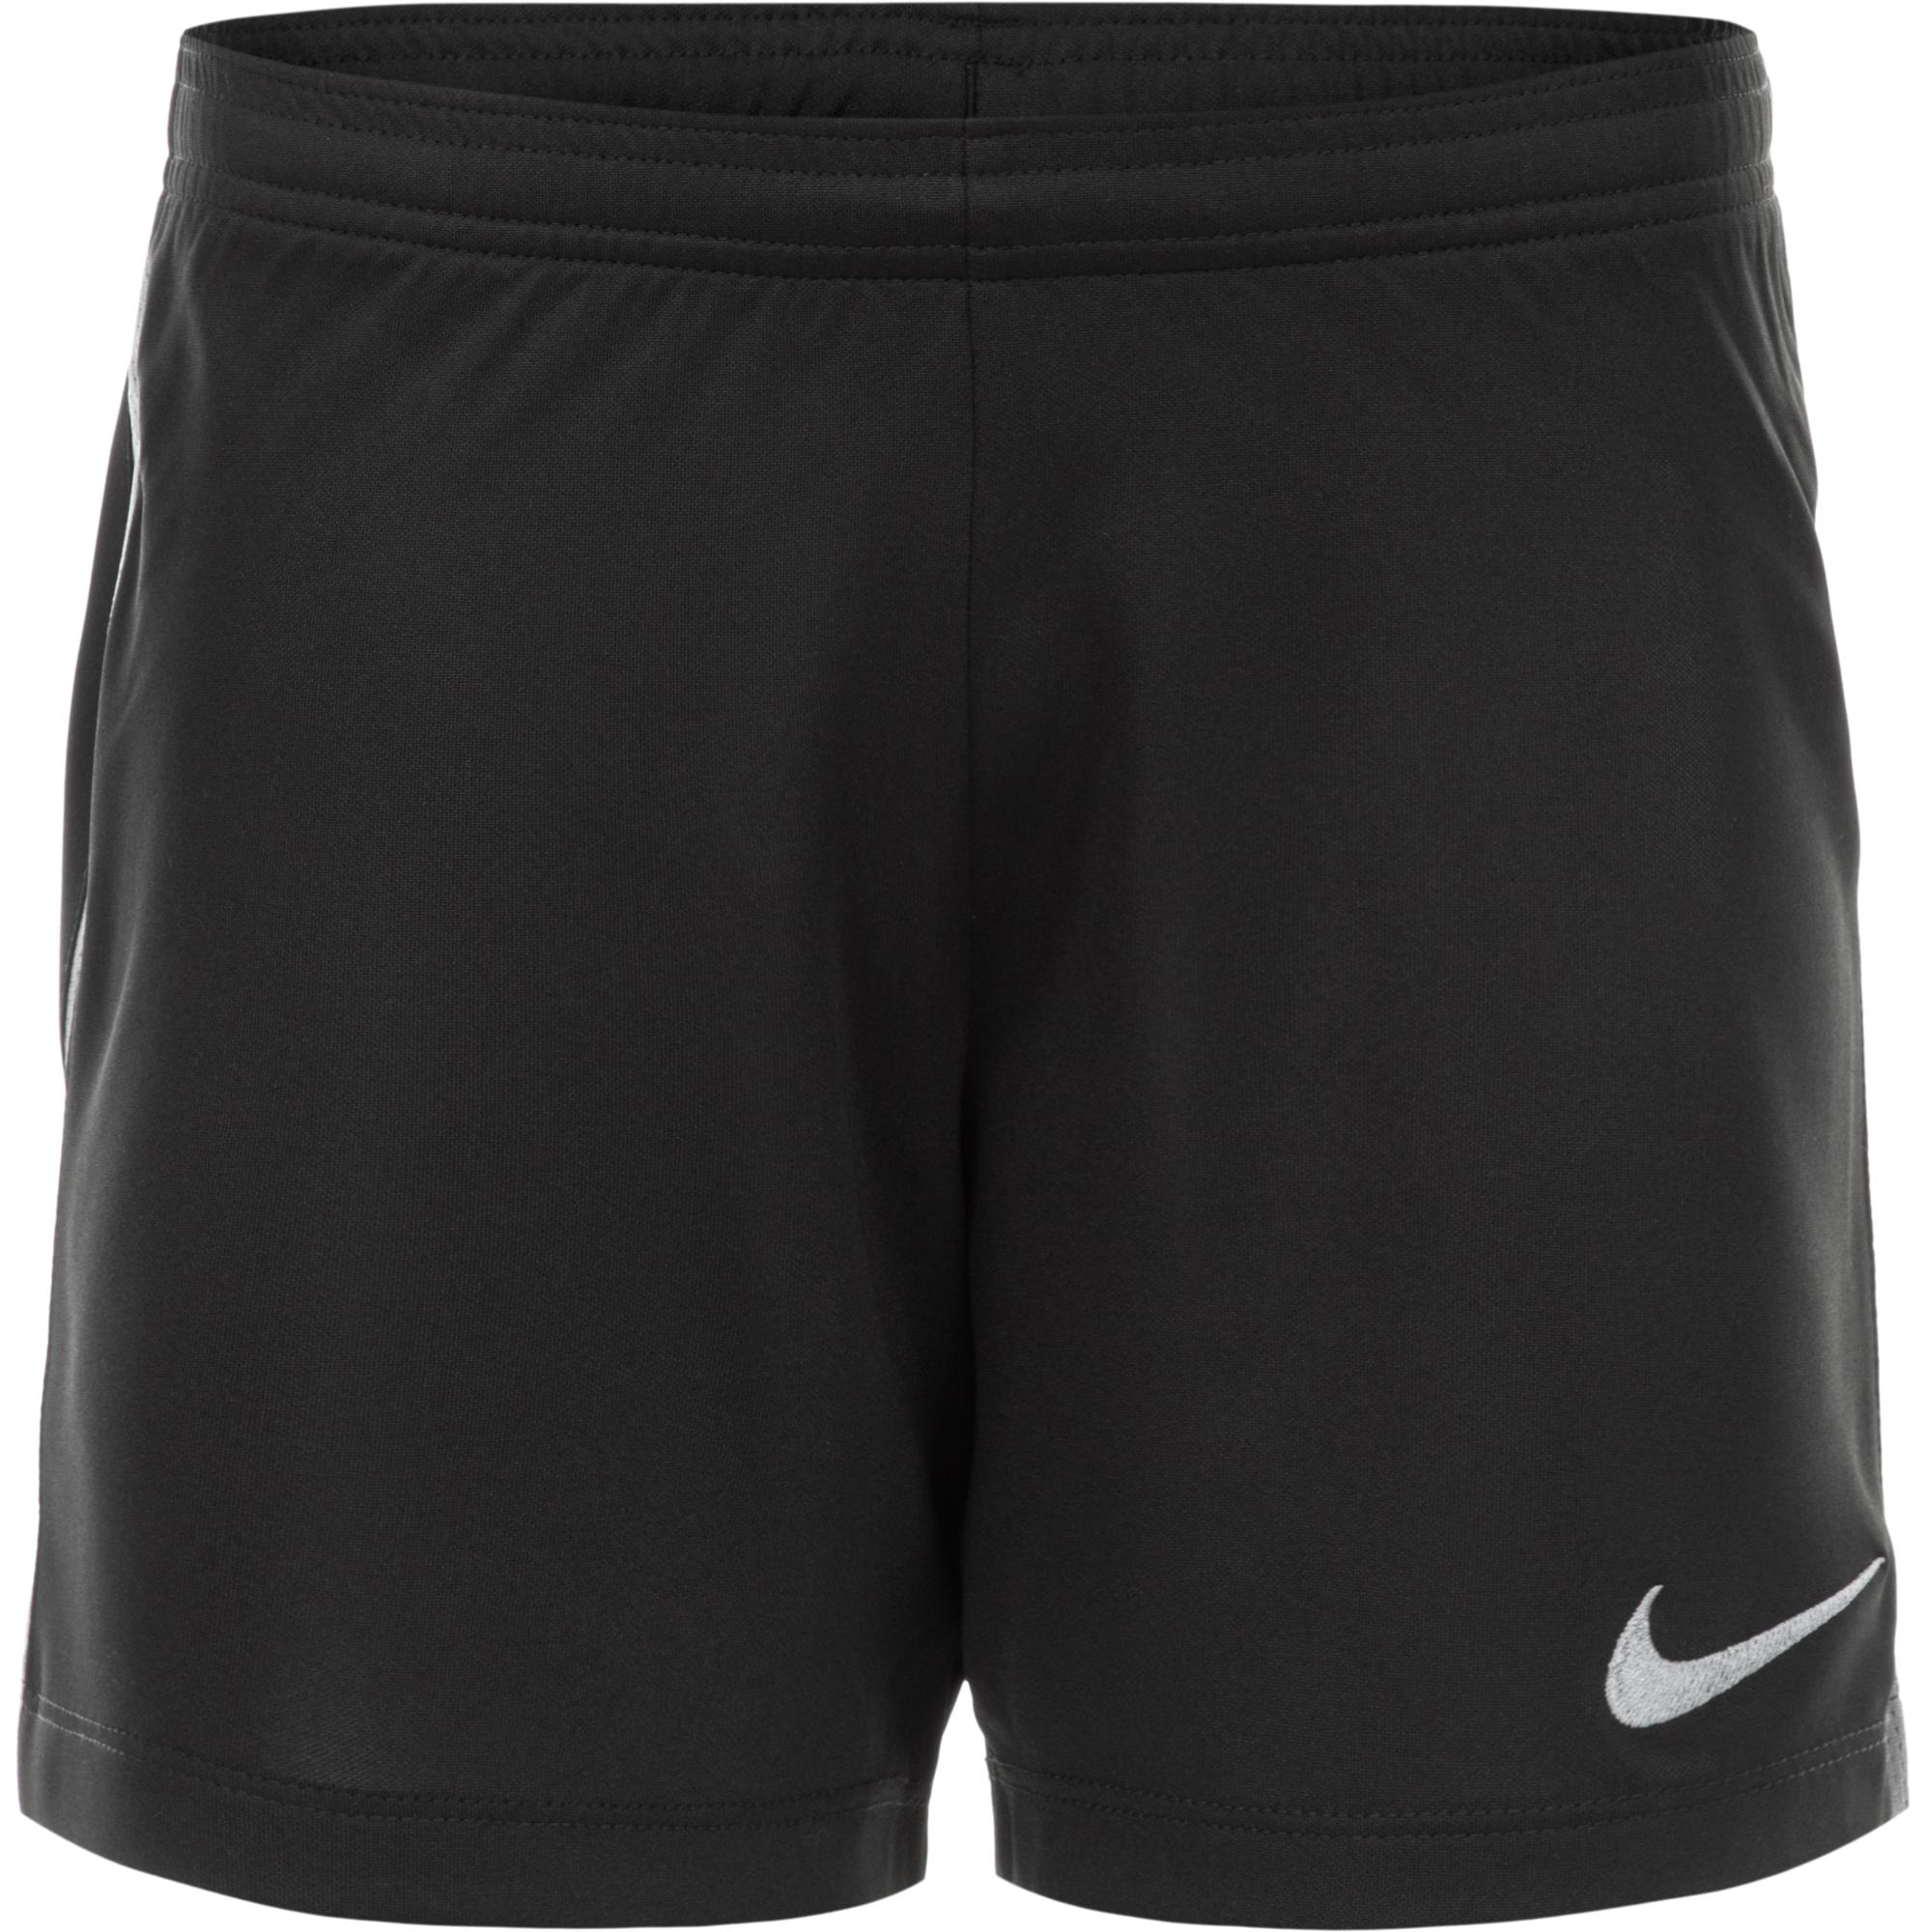 Nike Шорты для мальчиков Nike Dry Academy, размер 52-54